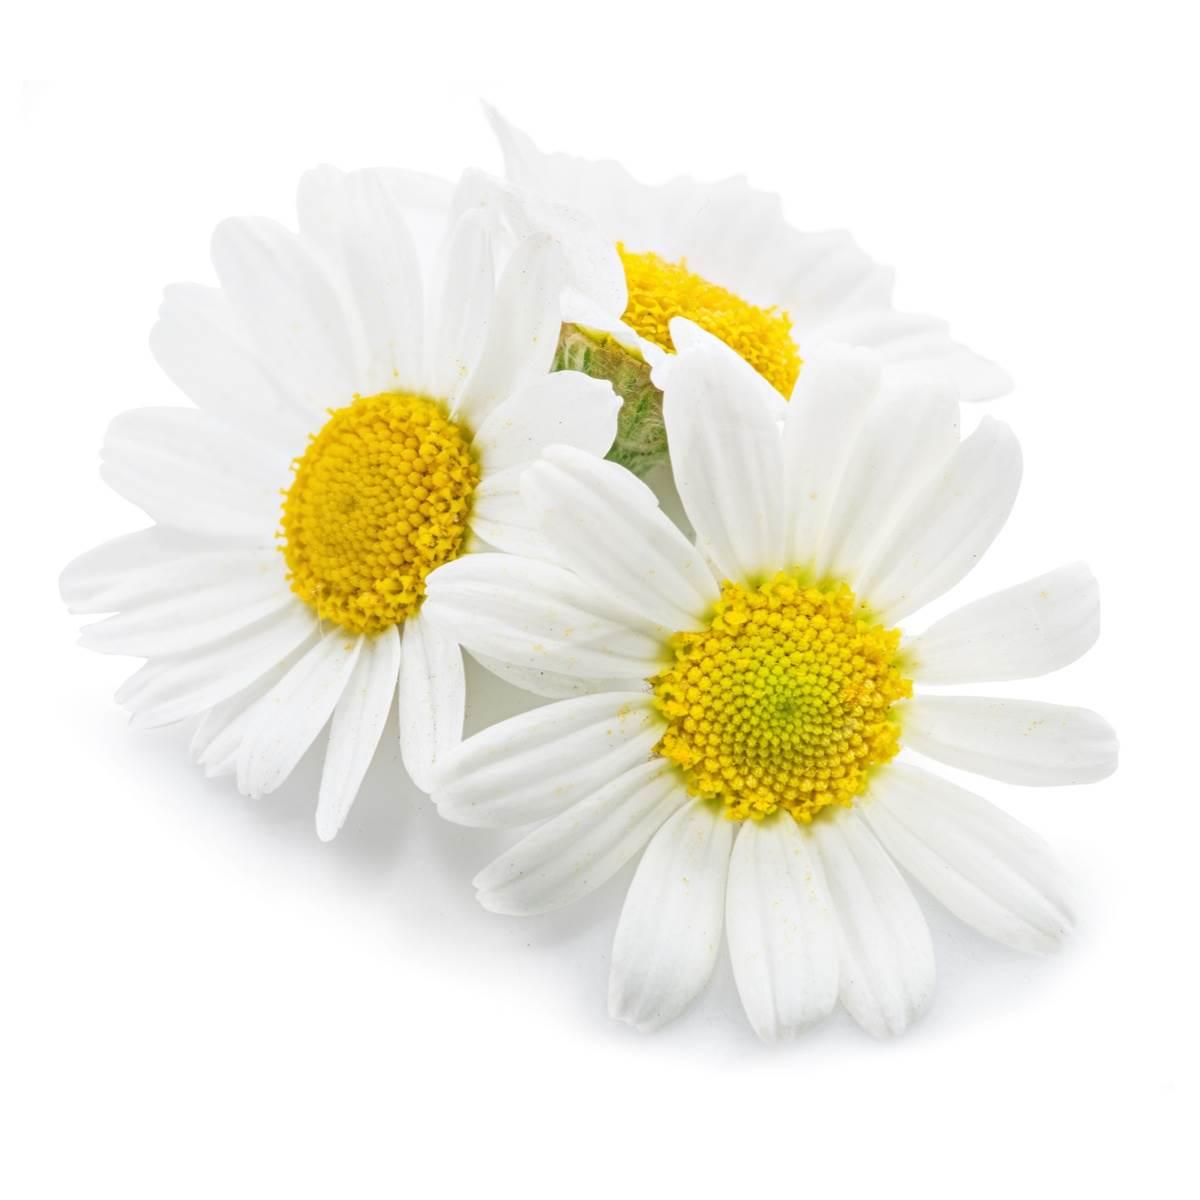 Camomille Matricaire Fleur Entière Tamisée 1mm - Matricaria Chamomilla L.